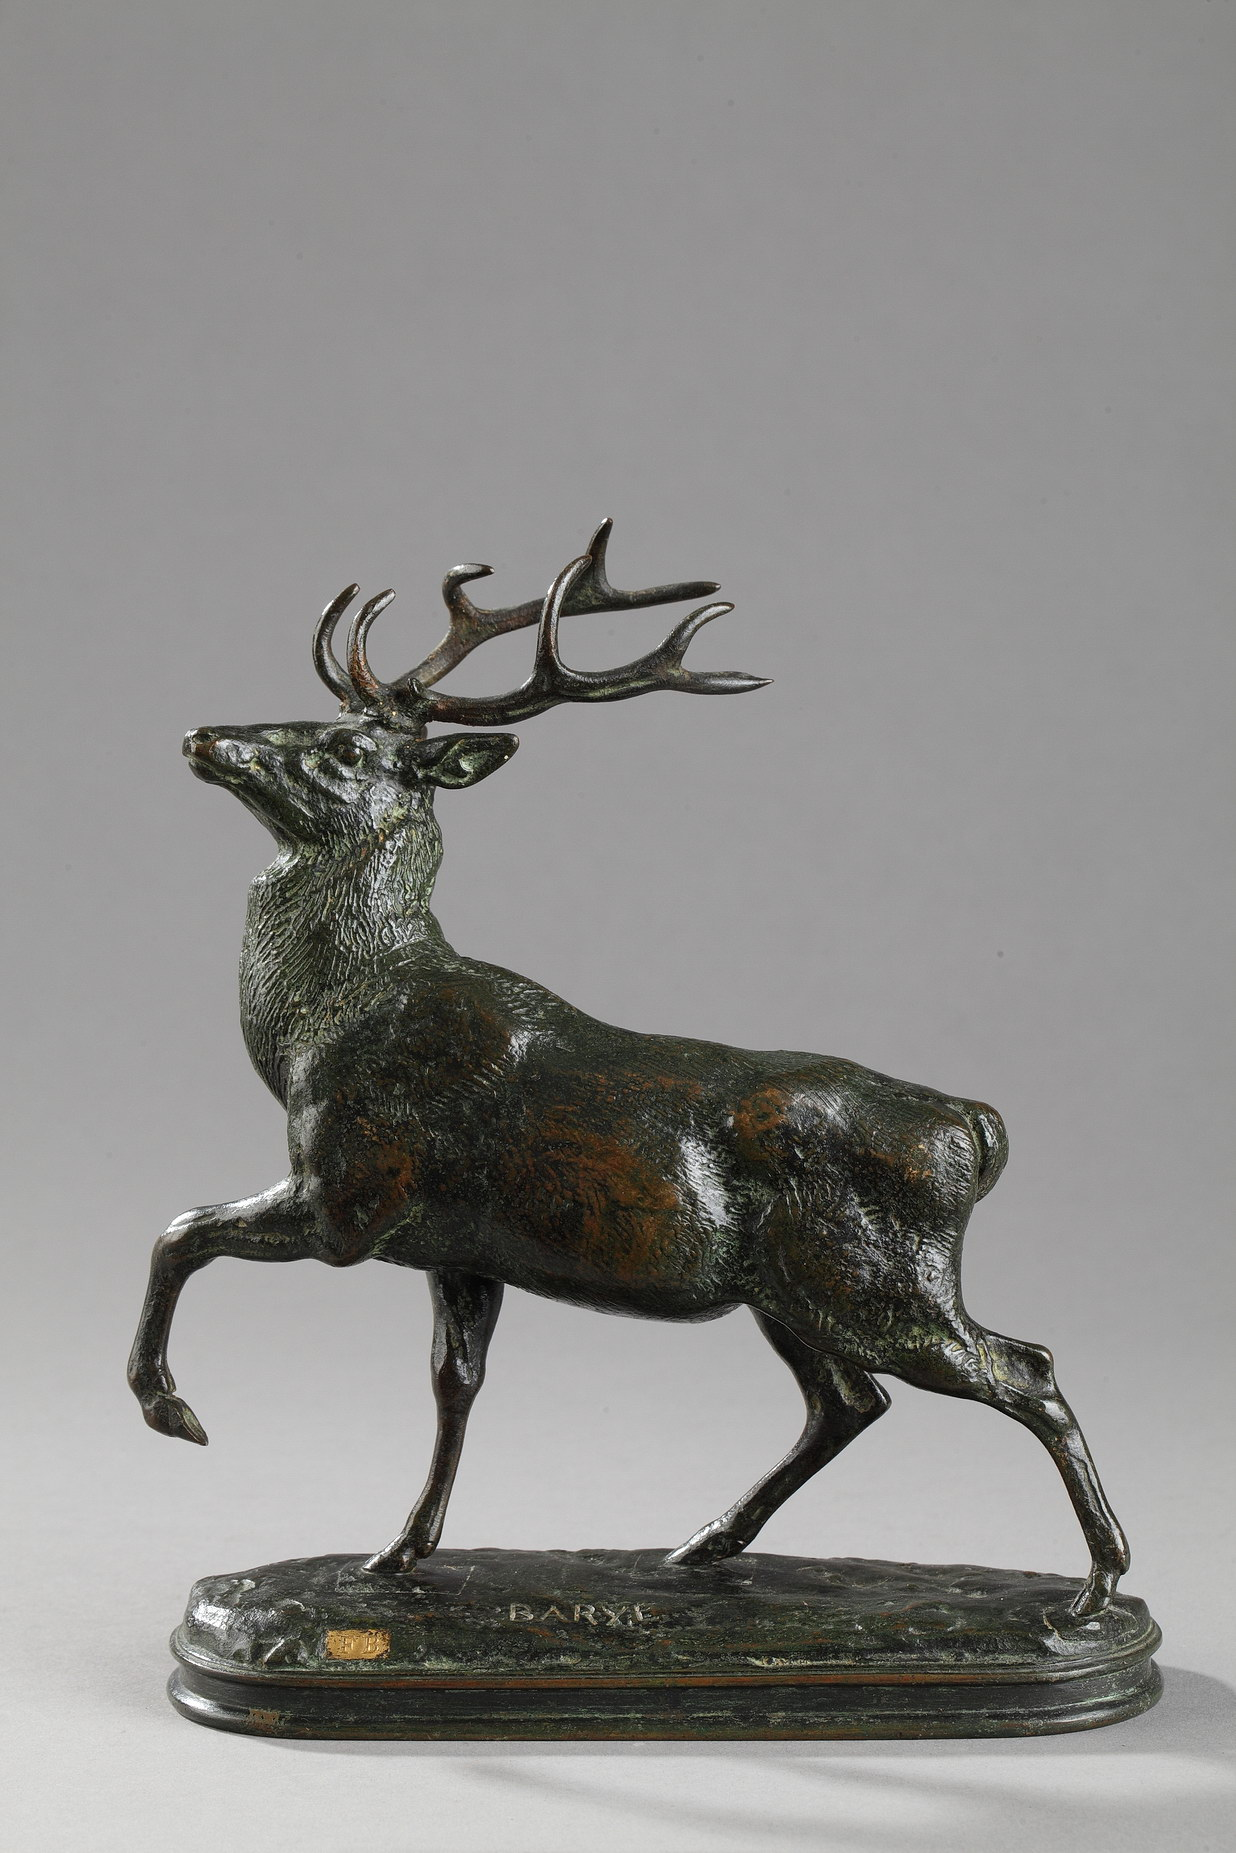 """Antoine-Louis Barye (1796-1875), """"Cerf la jambe levée"""", bronze à patine vert très nuancé, fonte Barbedienne, Cachet Or, haut. 19 cm, sculptures - galerie Tourbillon, Paris"""